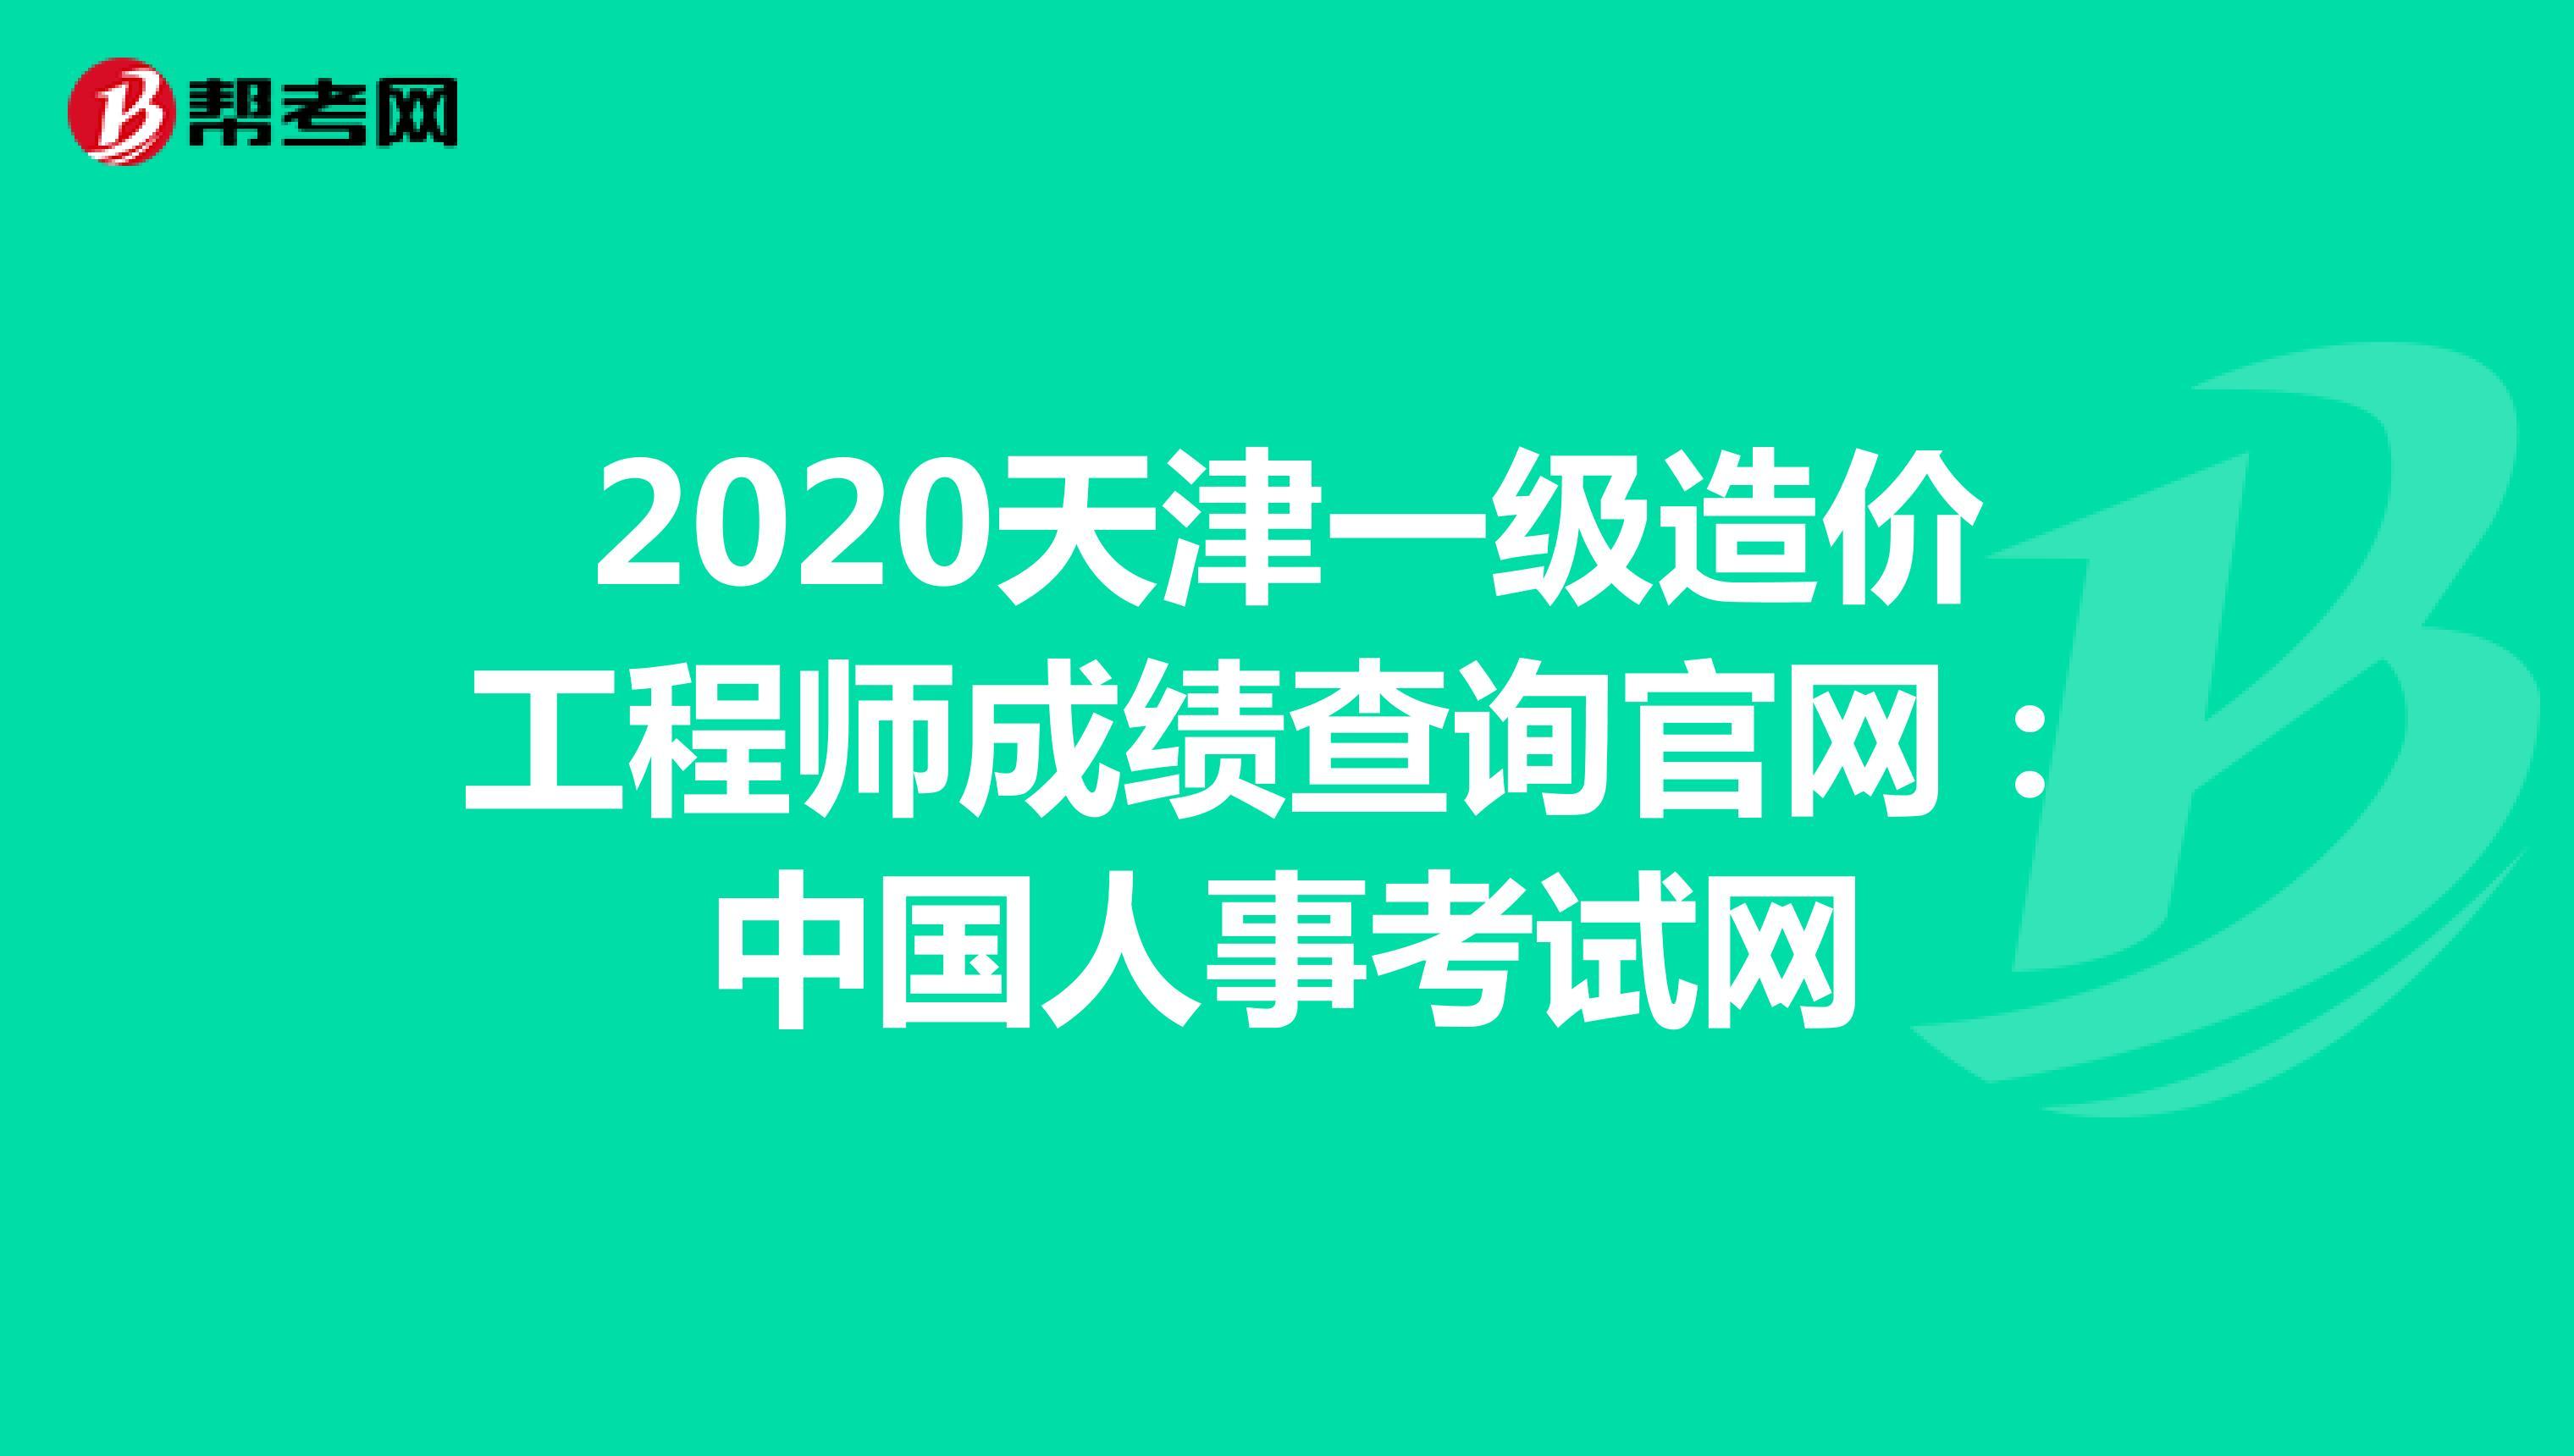 2020天津一級造價工程師成績查詢官網:中國人事考試網